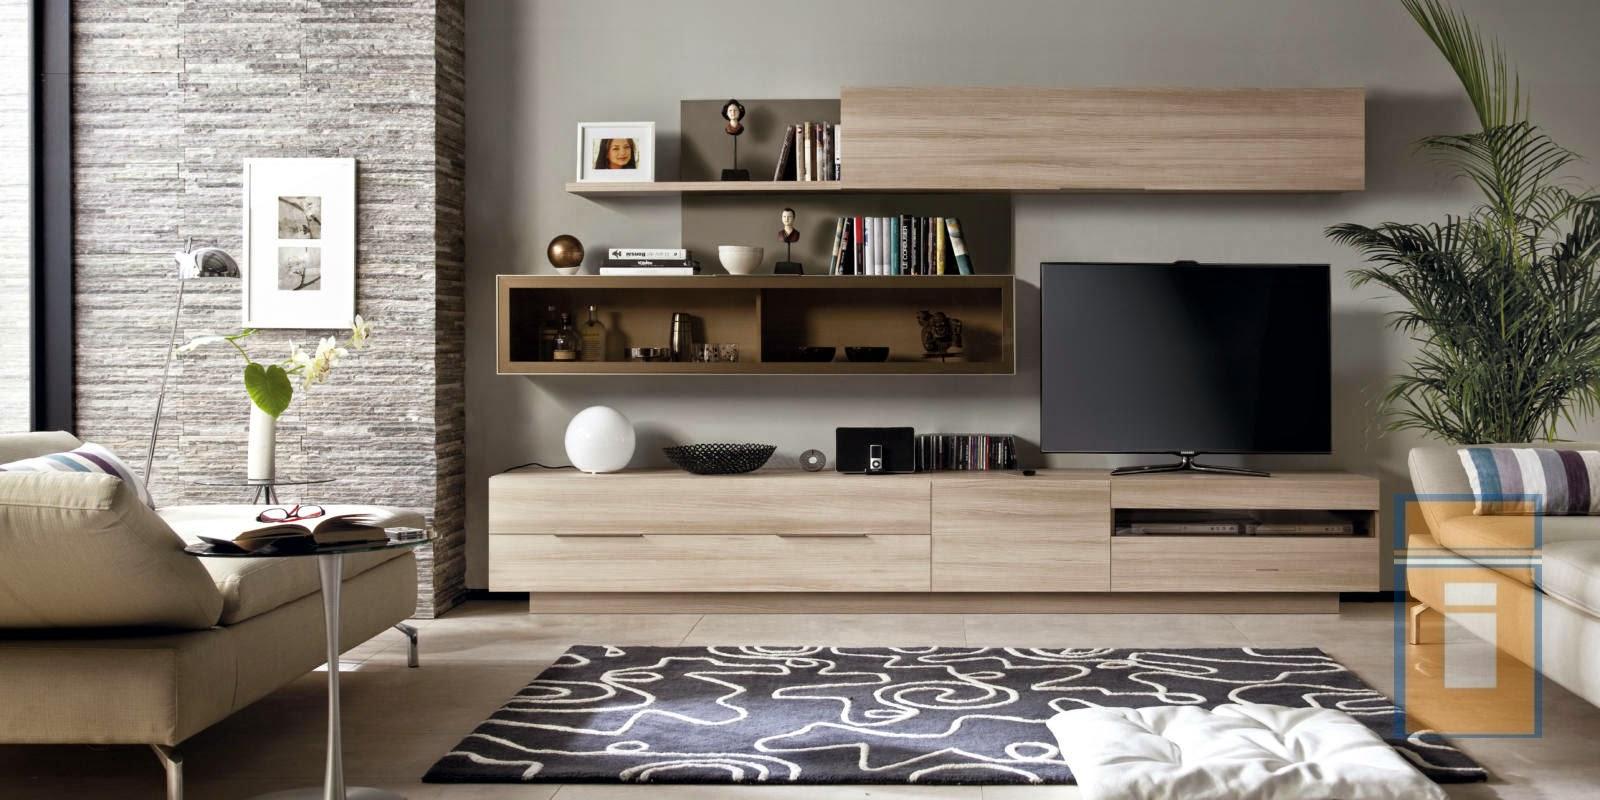 Armimobel, muebles con vida!!: Comedores Modulares. Hazlo a tu medida